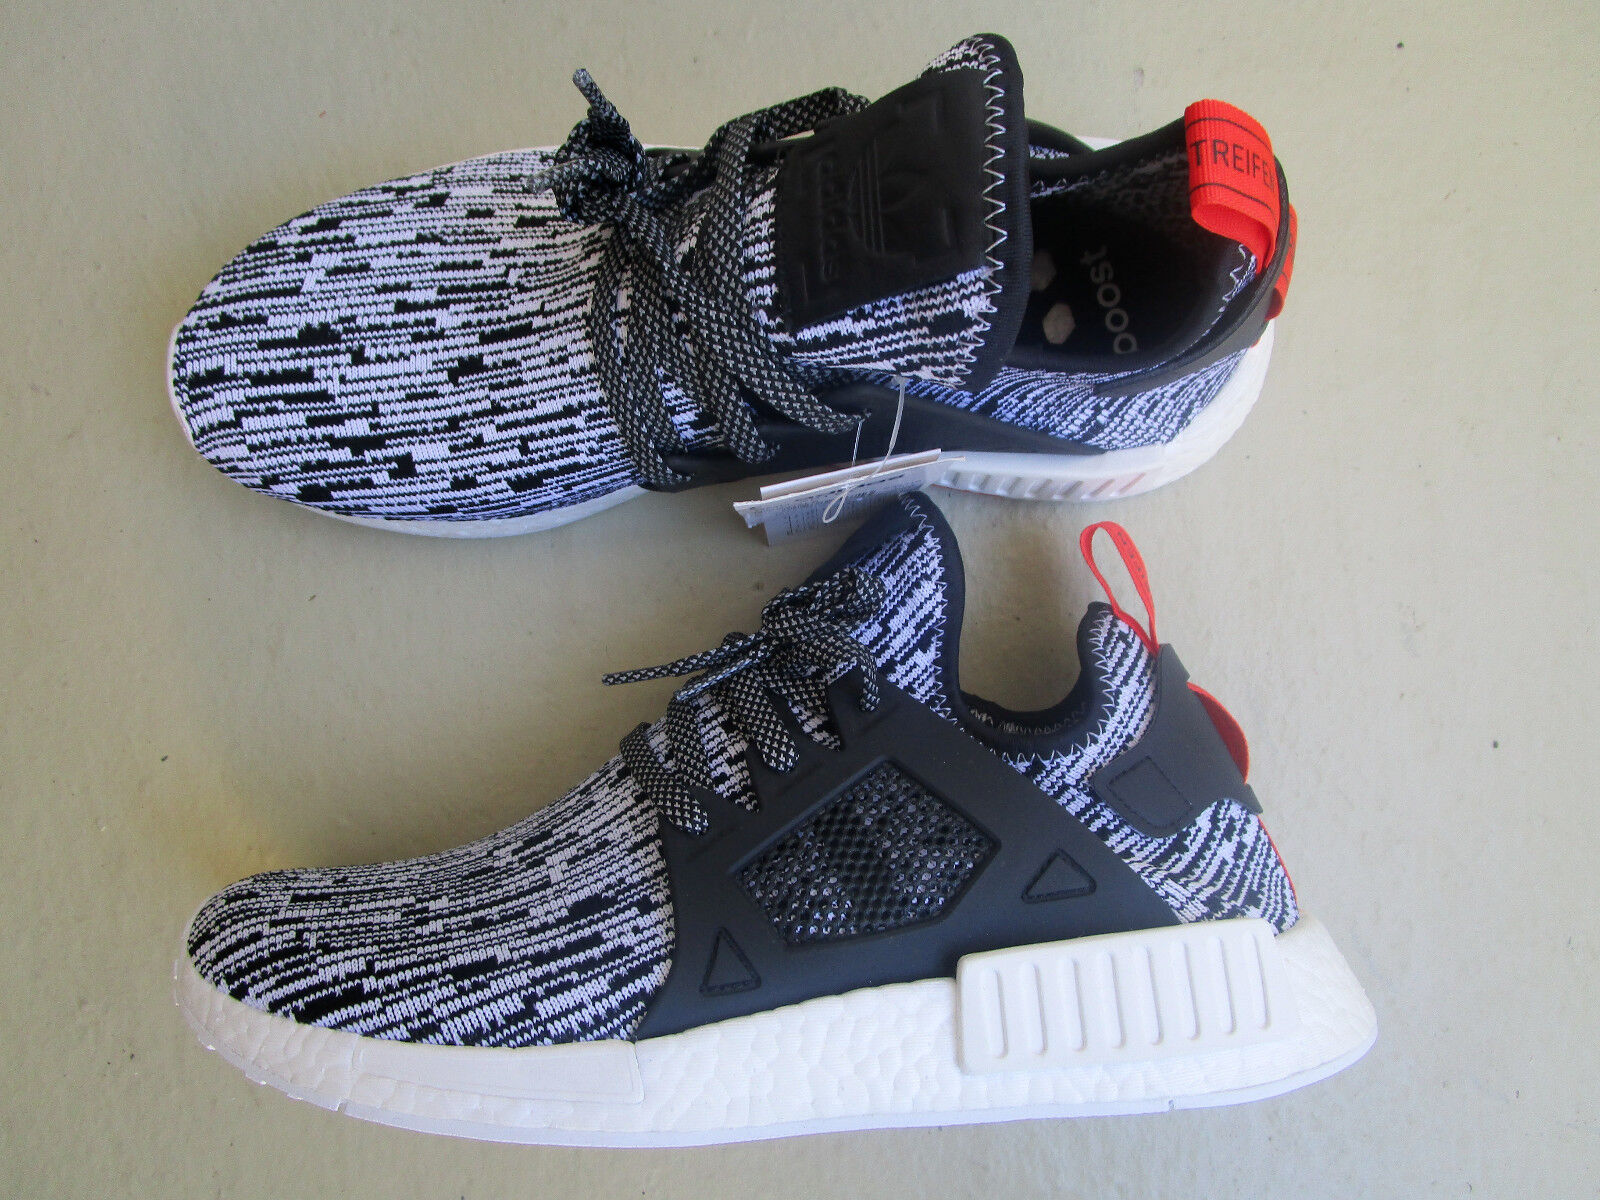 Adidas nmd XR 1 ftwr PK 45 1/3 Originals ftwr 1 Blanco/Core Negro/semi solar red b3a4d8